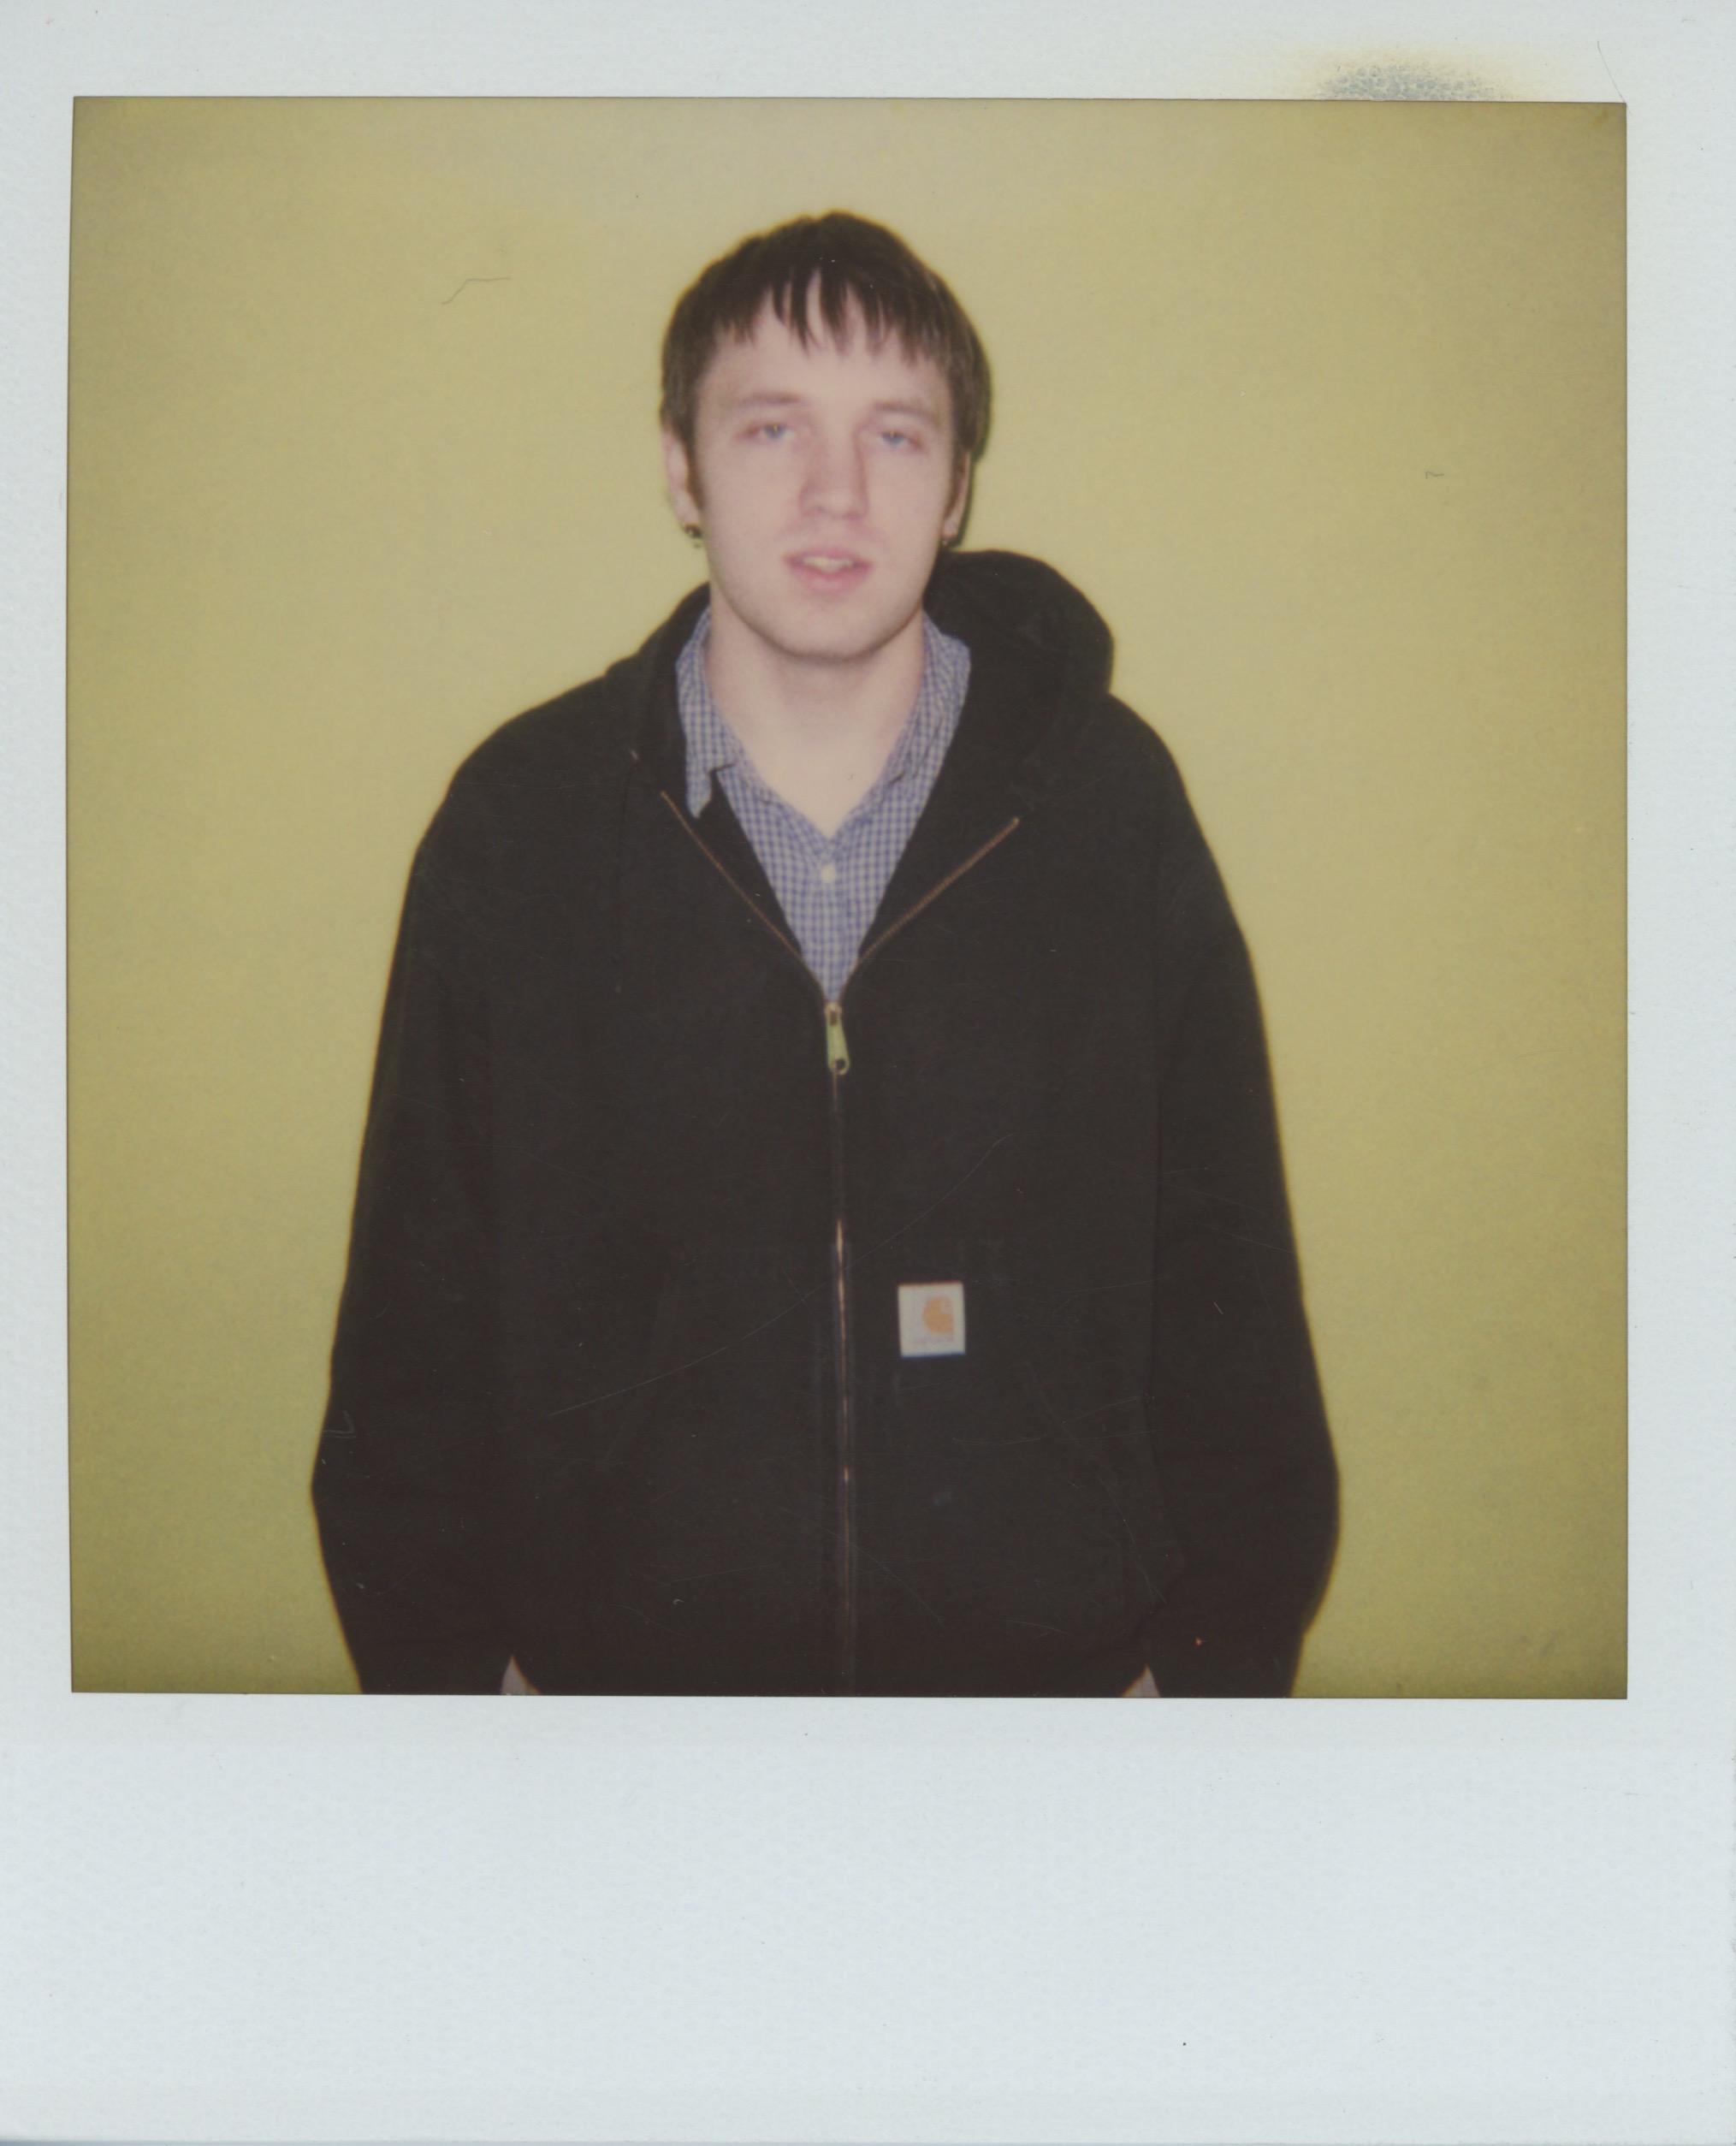 Brian McTernan